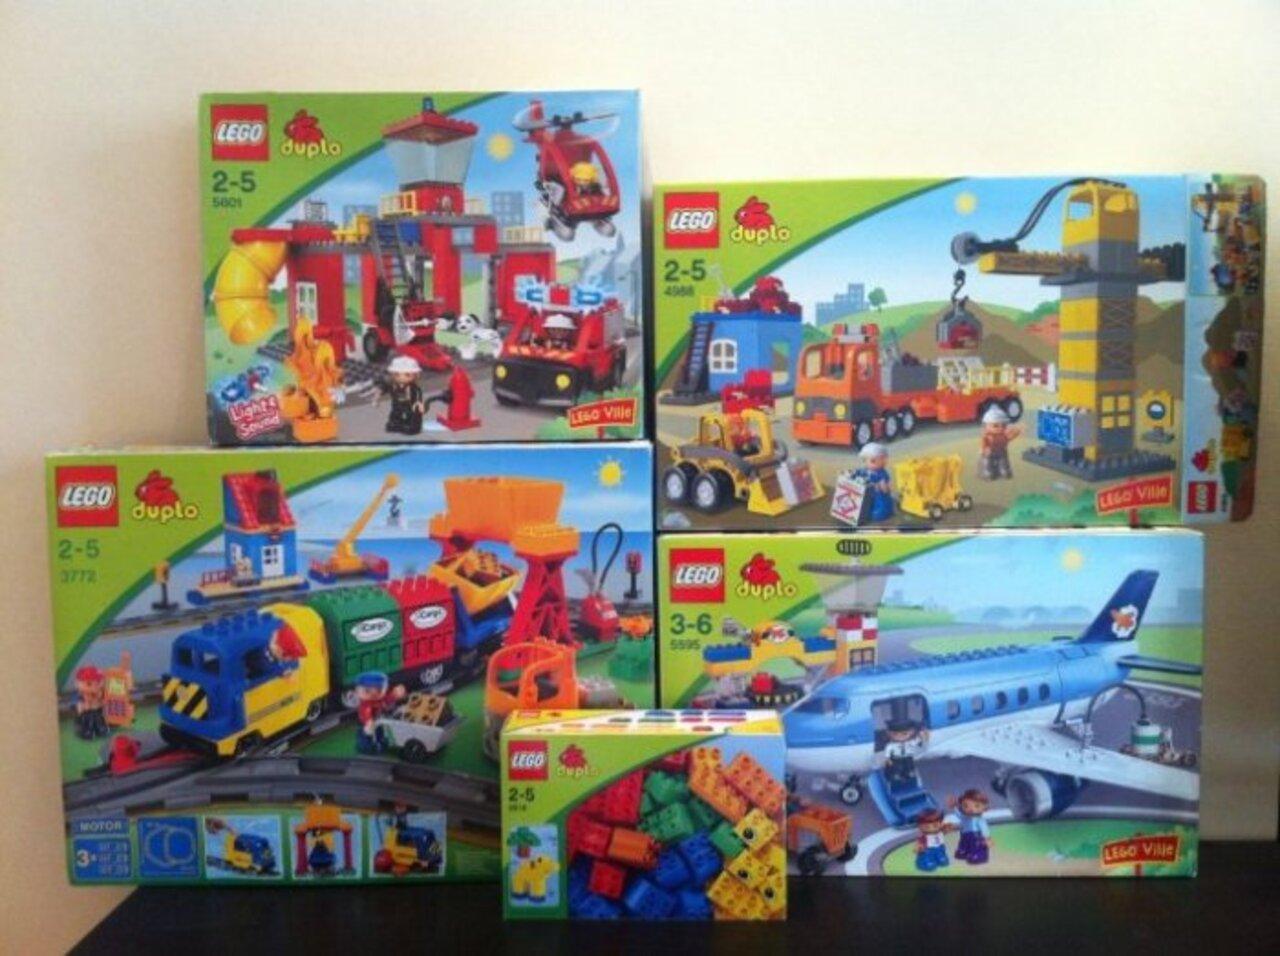 Полные наборы LEGO Duplo в коробках. Все после одного моего ребенка. Все в рабочем, хорошем состоянии, без дефектов.  Аэропорт 5595, цена 2500 р Стройка 4988, цена 2000 р Пожарная станция 5601, цена 1500 р Набор кубиков 42 детали 5514, цена 500 р